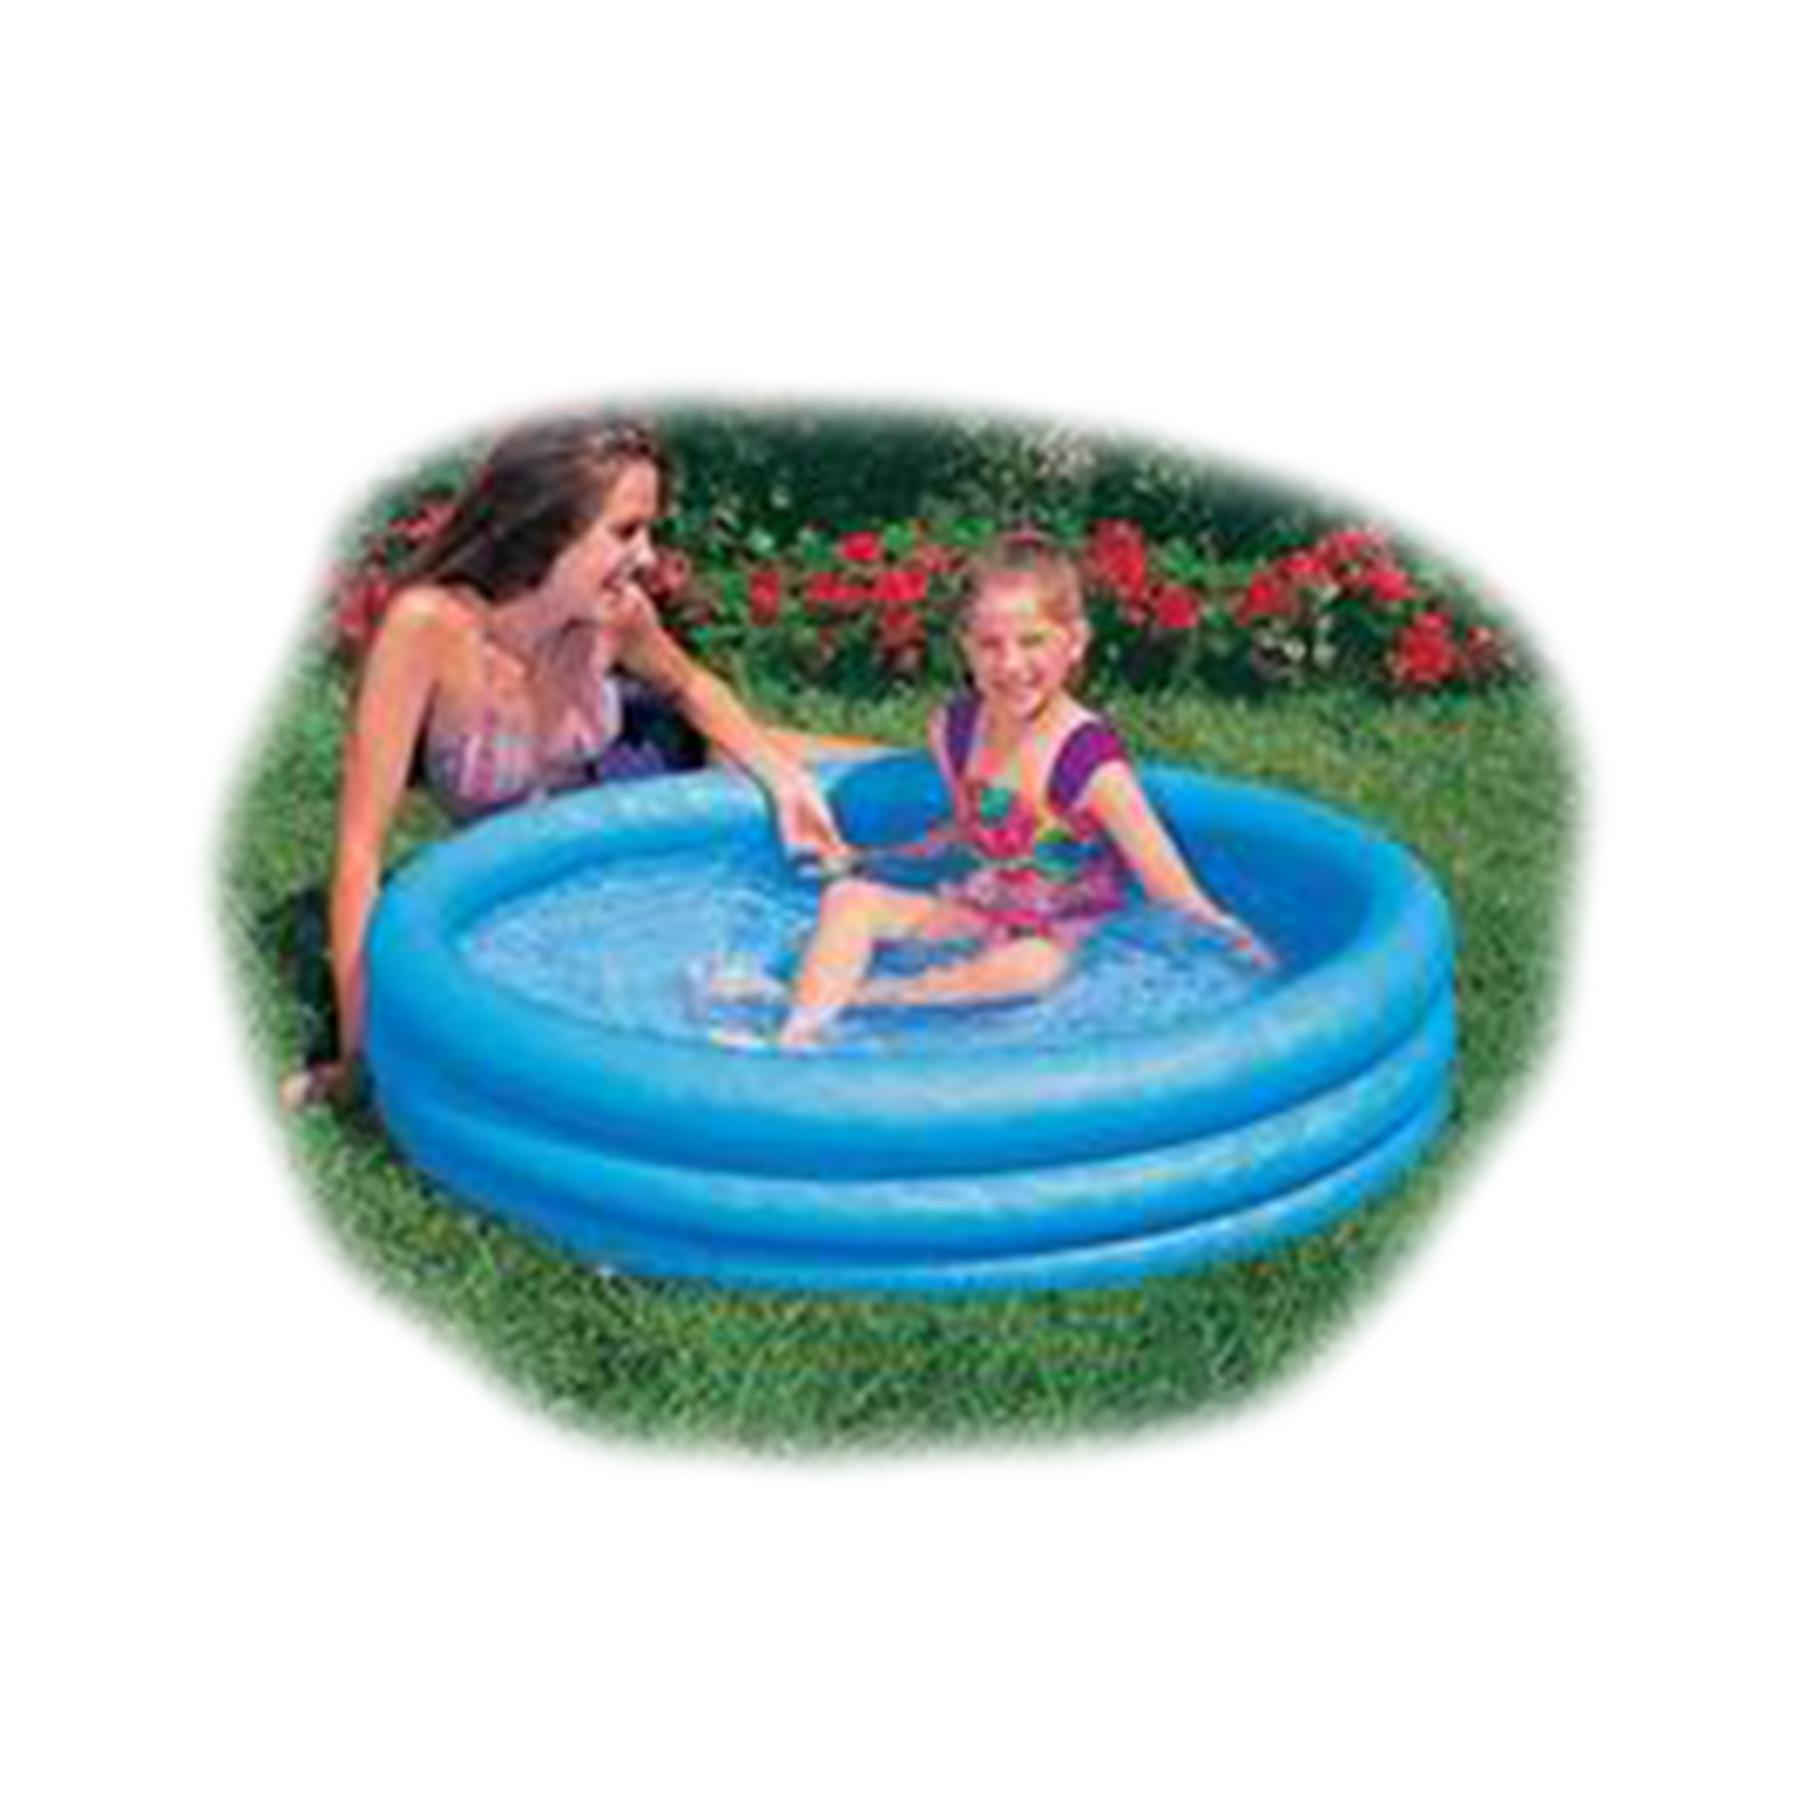 59416 Бассейн Кристал синий малый круглый 114*25см от 3 лет